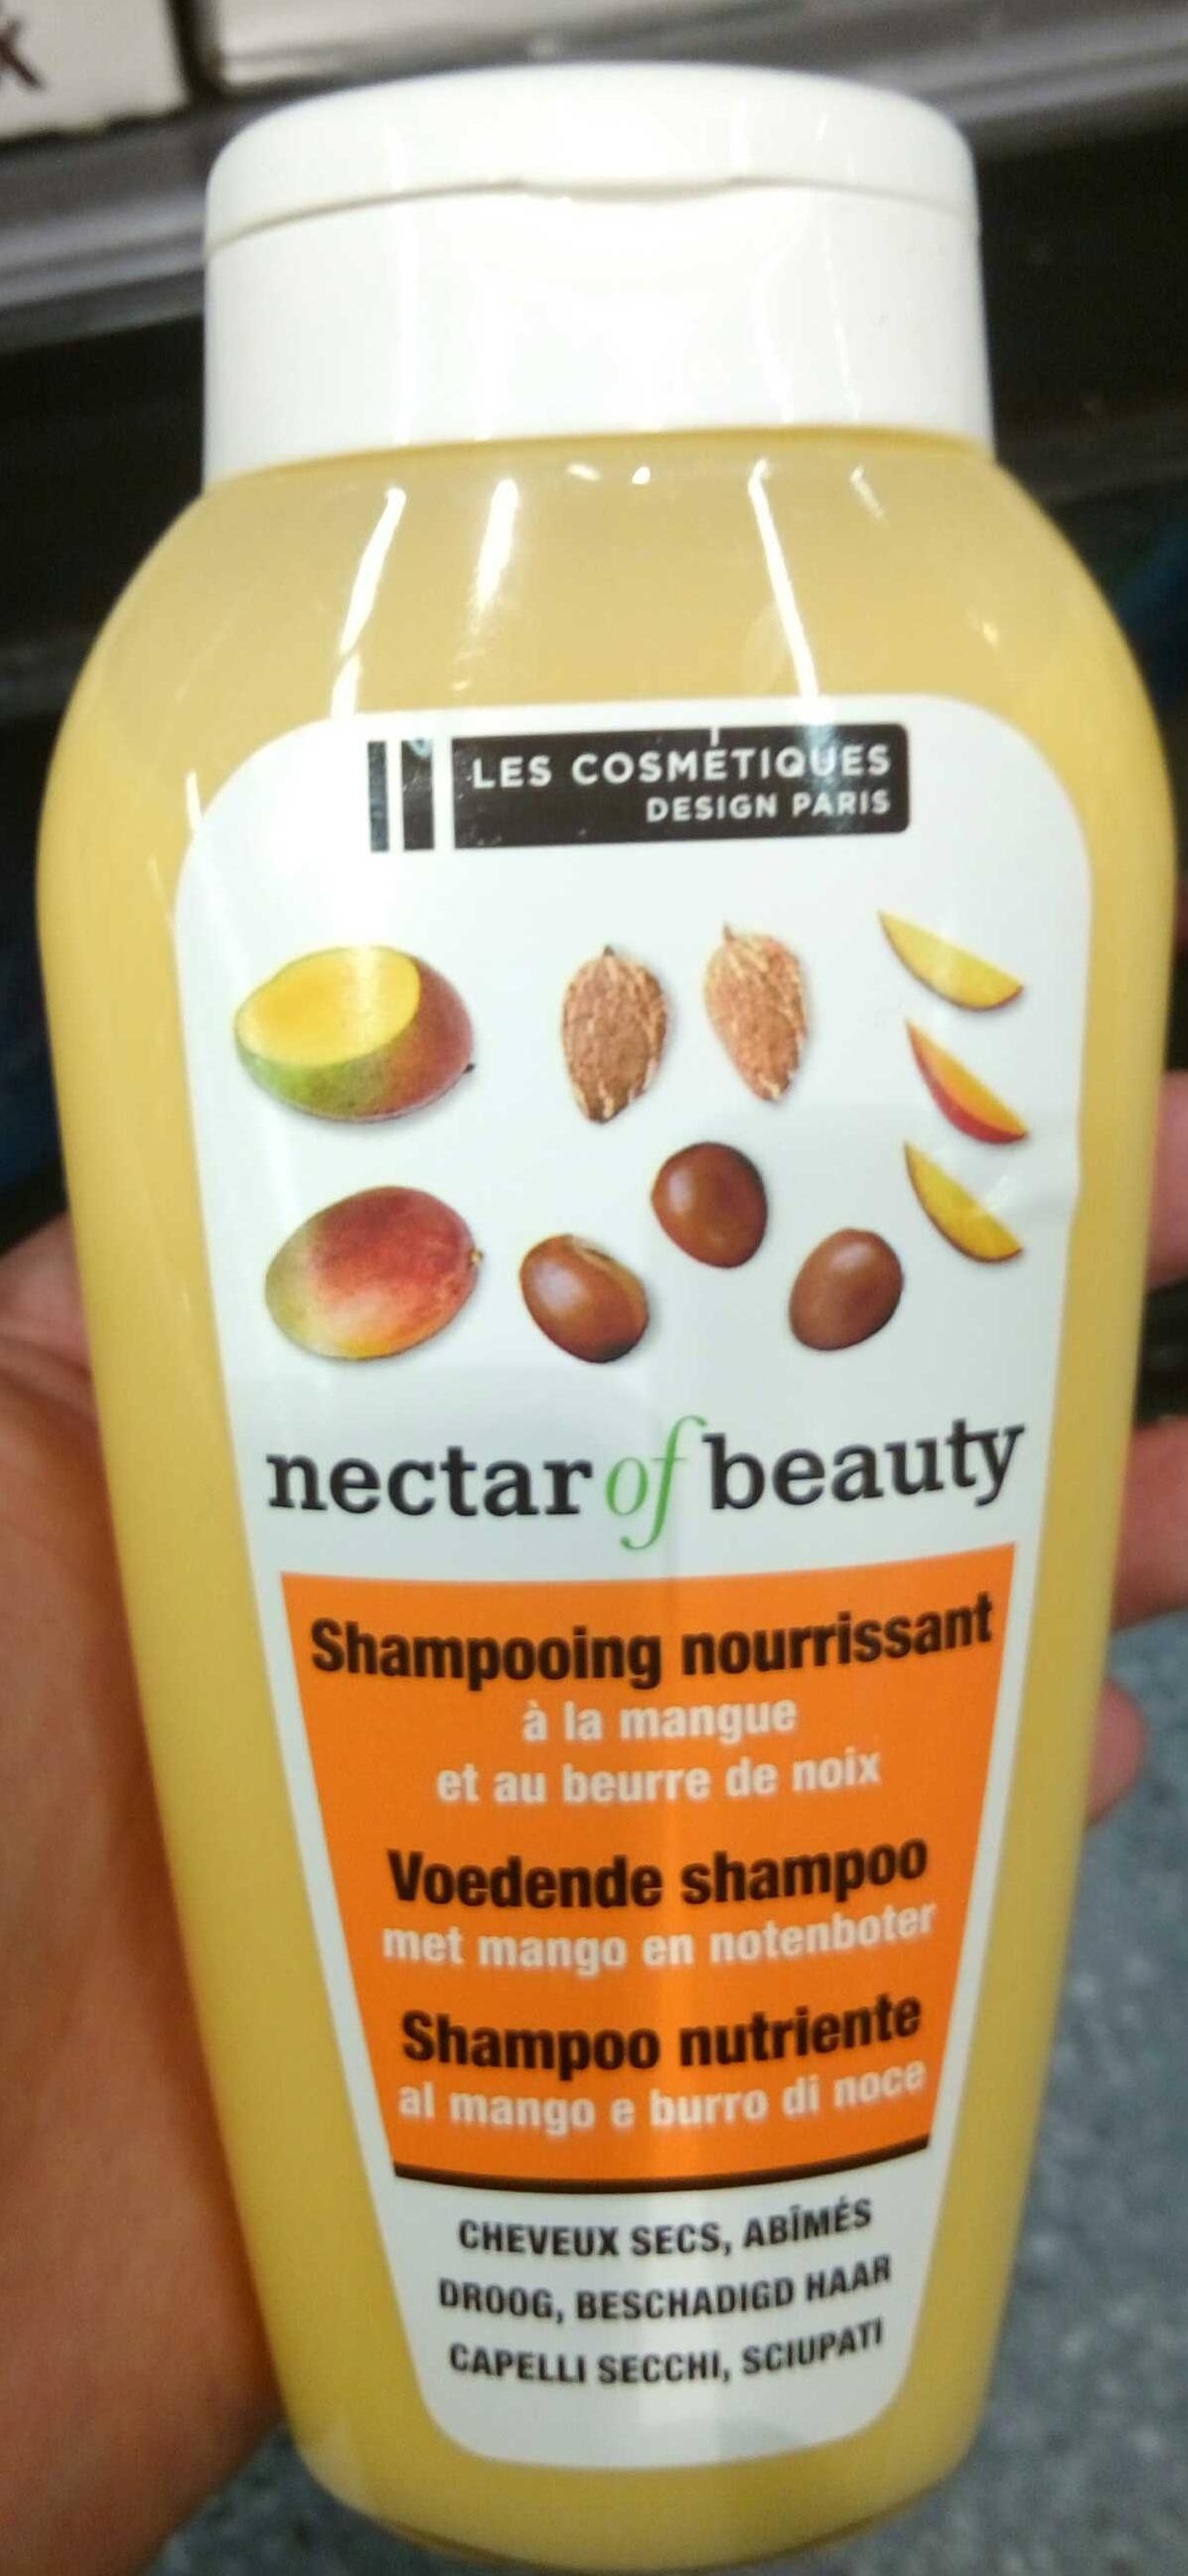 Shampooing nourrissant à la mangue et au beurre de noix - Product